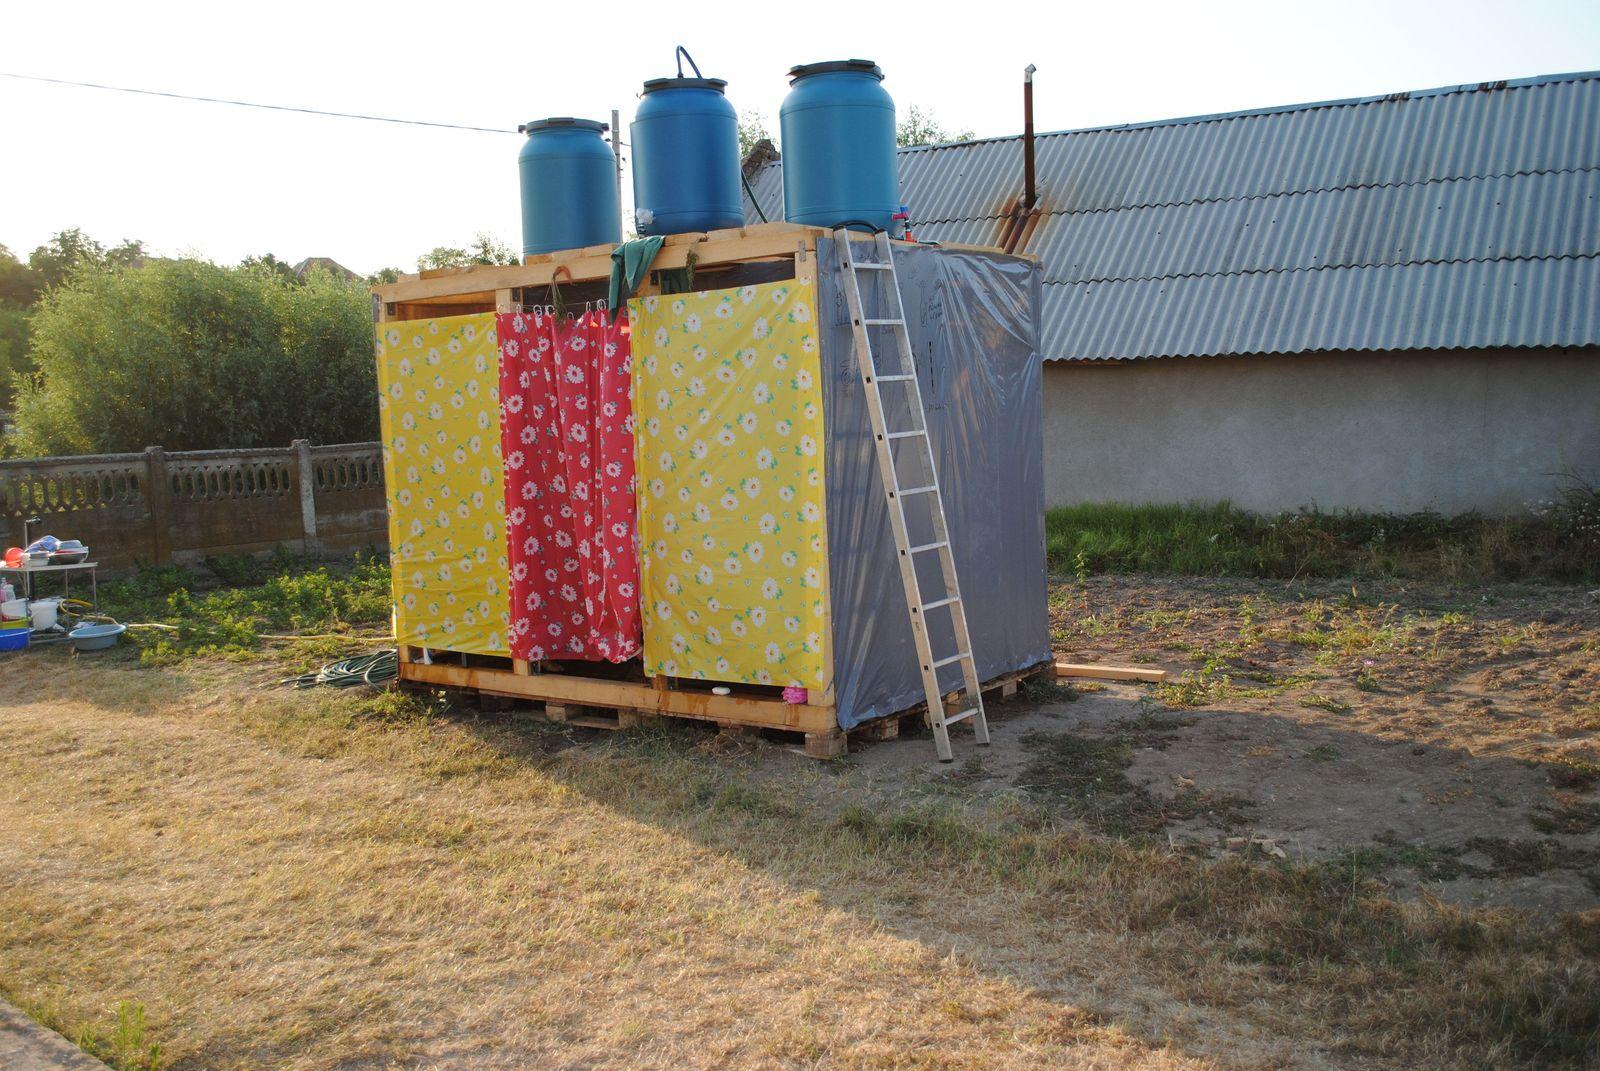 So sieht die fertige Solardusche aus. Macht eigentlich ganz komfortablen Eindruck ... Foto: Bernhard S. Heeb